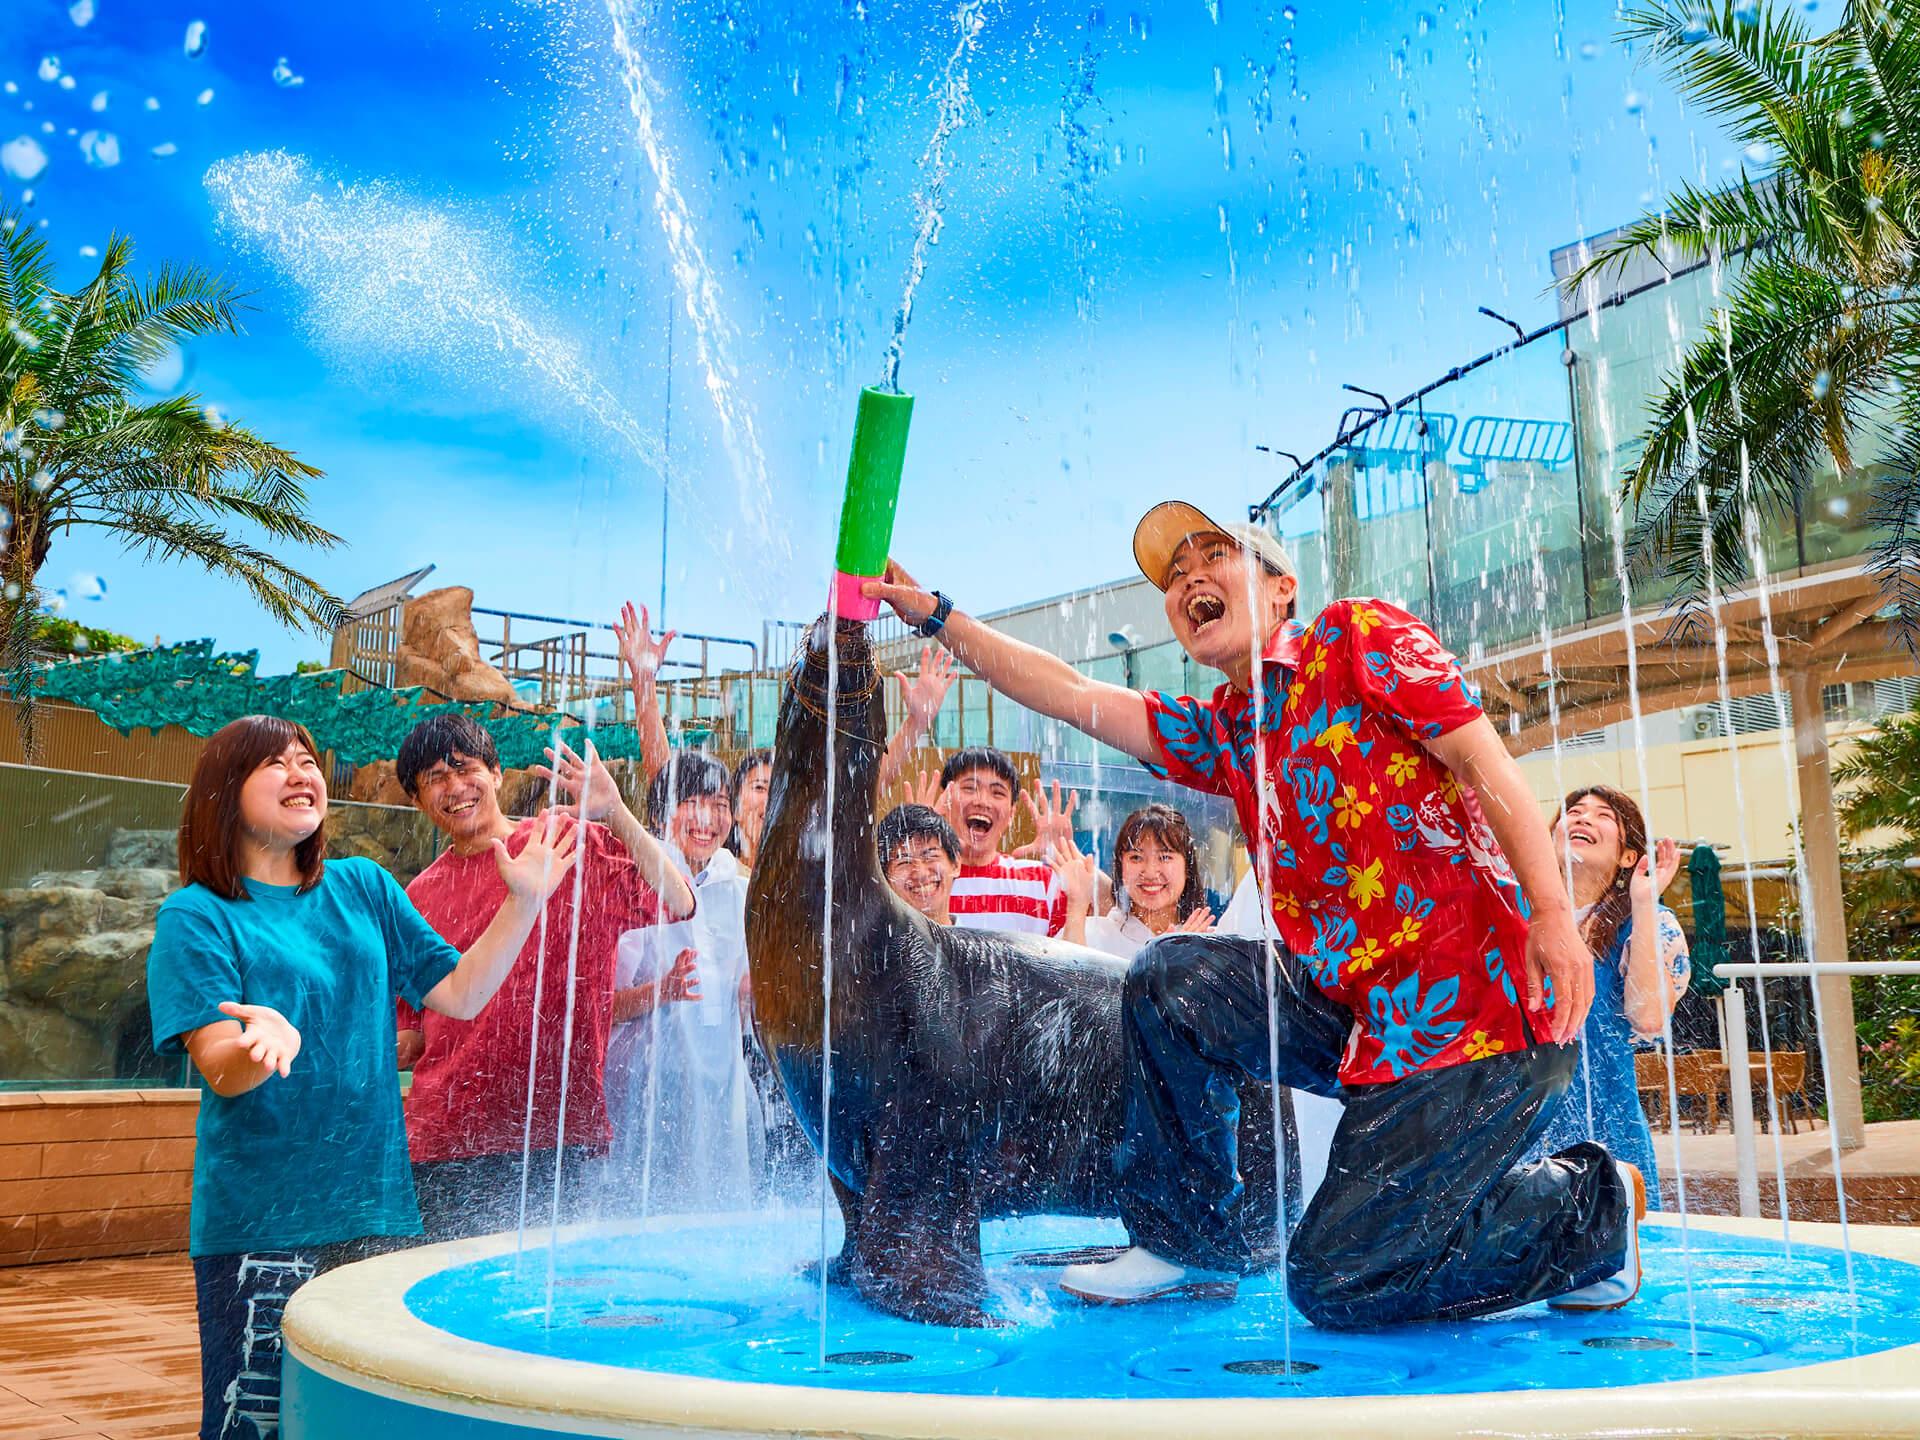 この写真はサンシャイン水族館 夏フェス2019の、アシカのびちょびちょ大作戦!の様子。あしかが水を好いています。